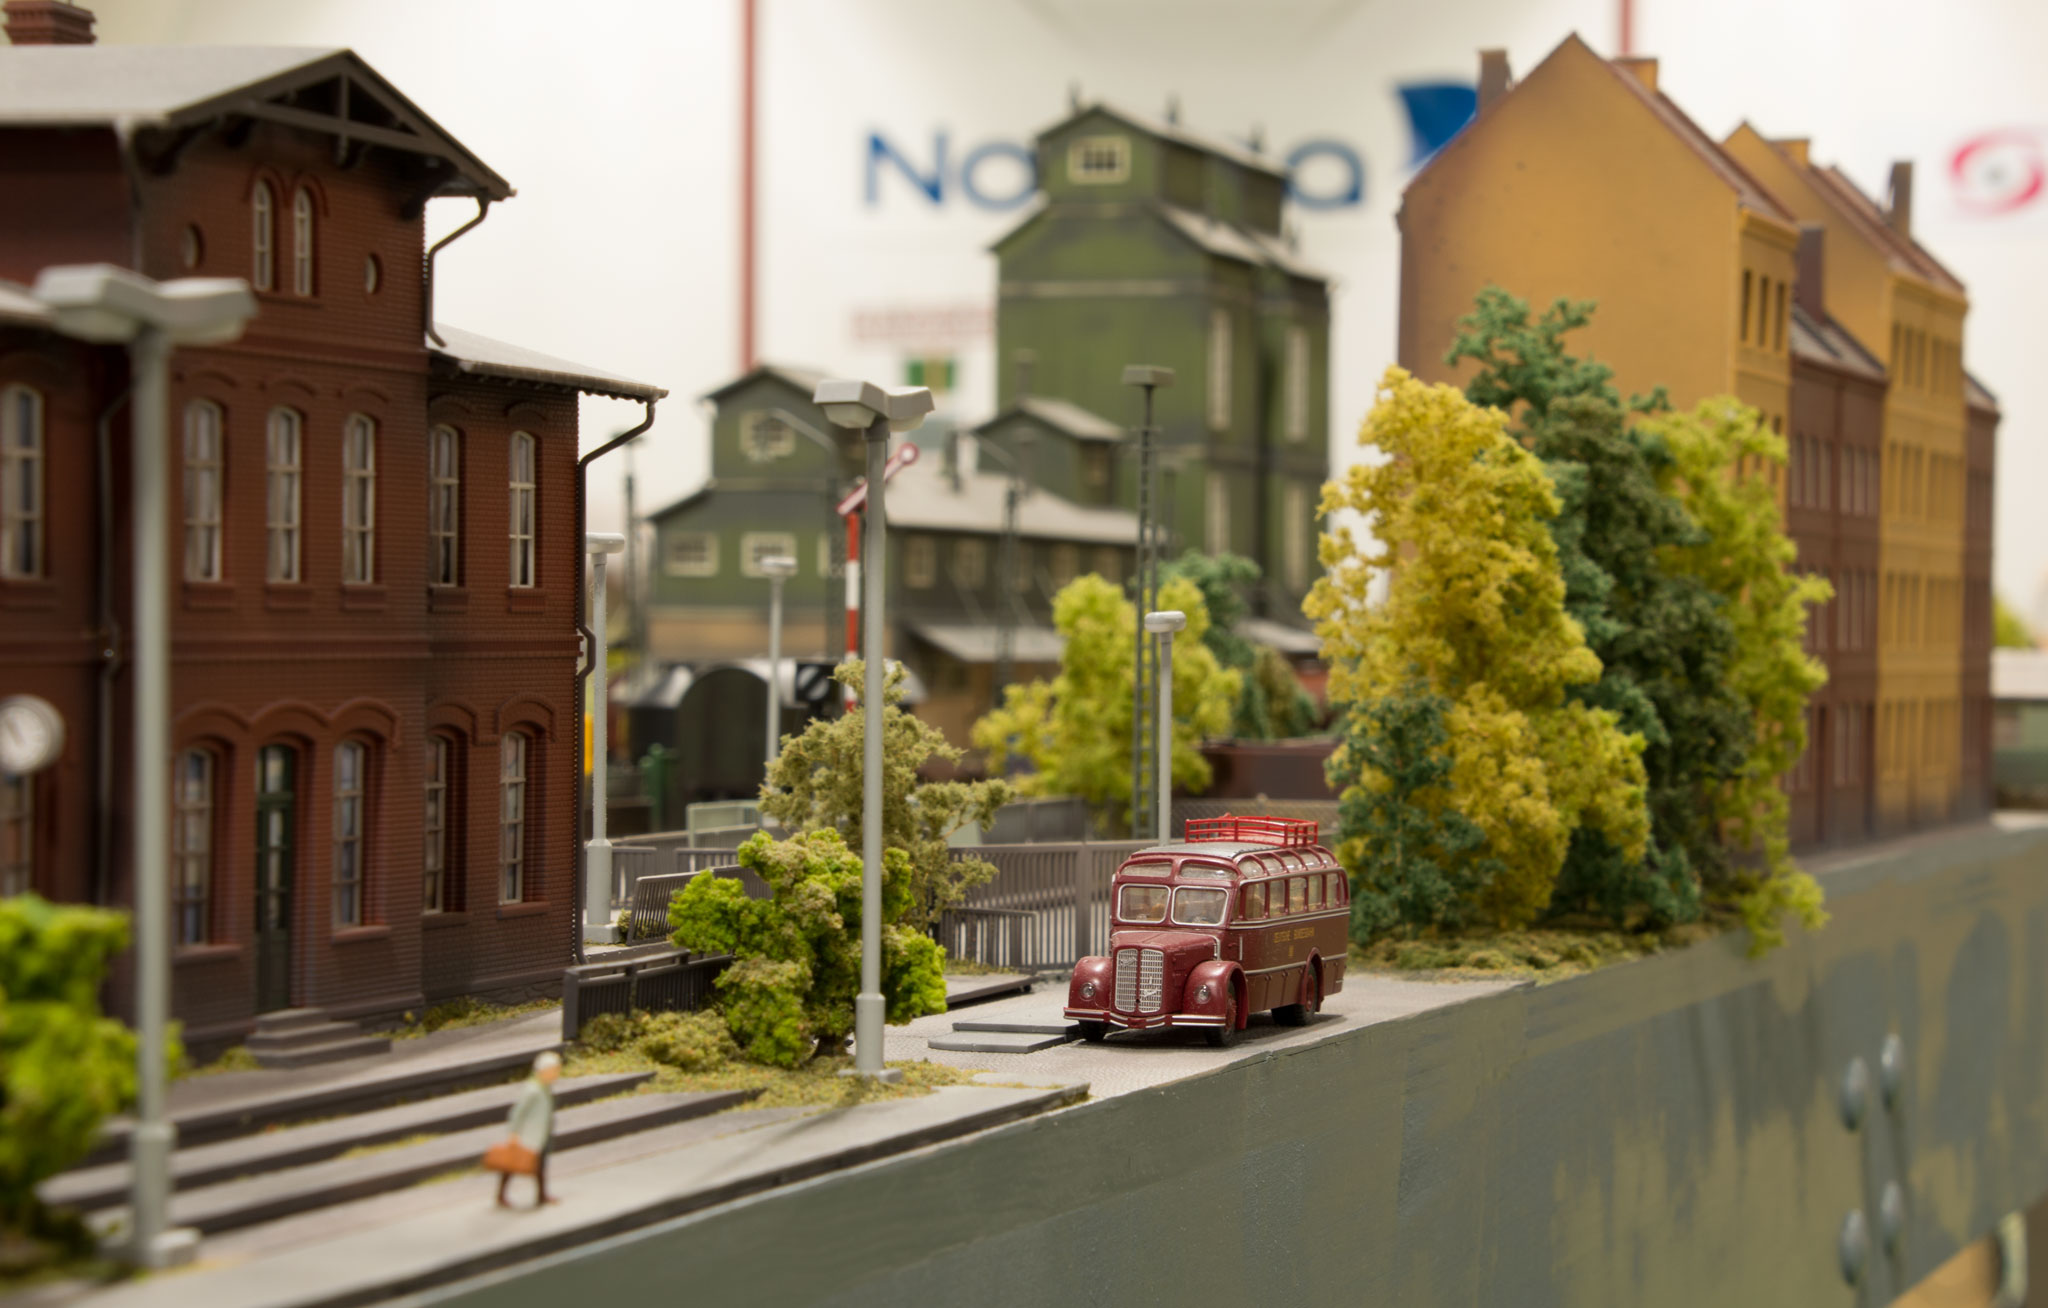 Fabriksbygning og ejendomme ved Burg am Stausee på den tyske strækning